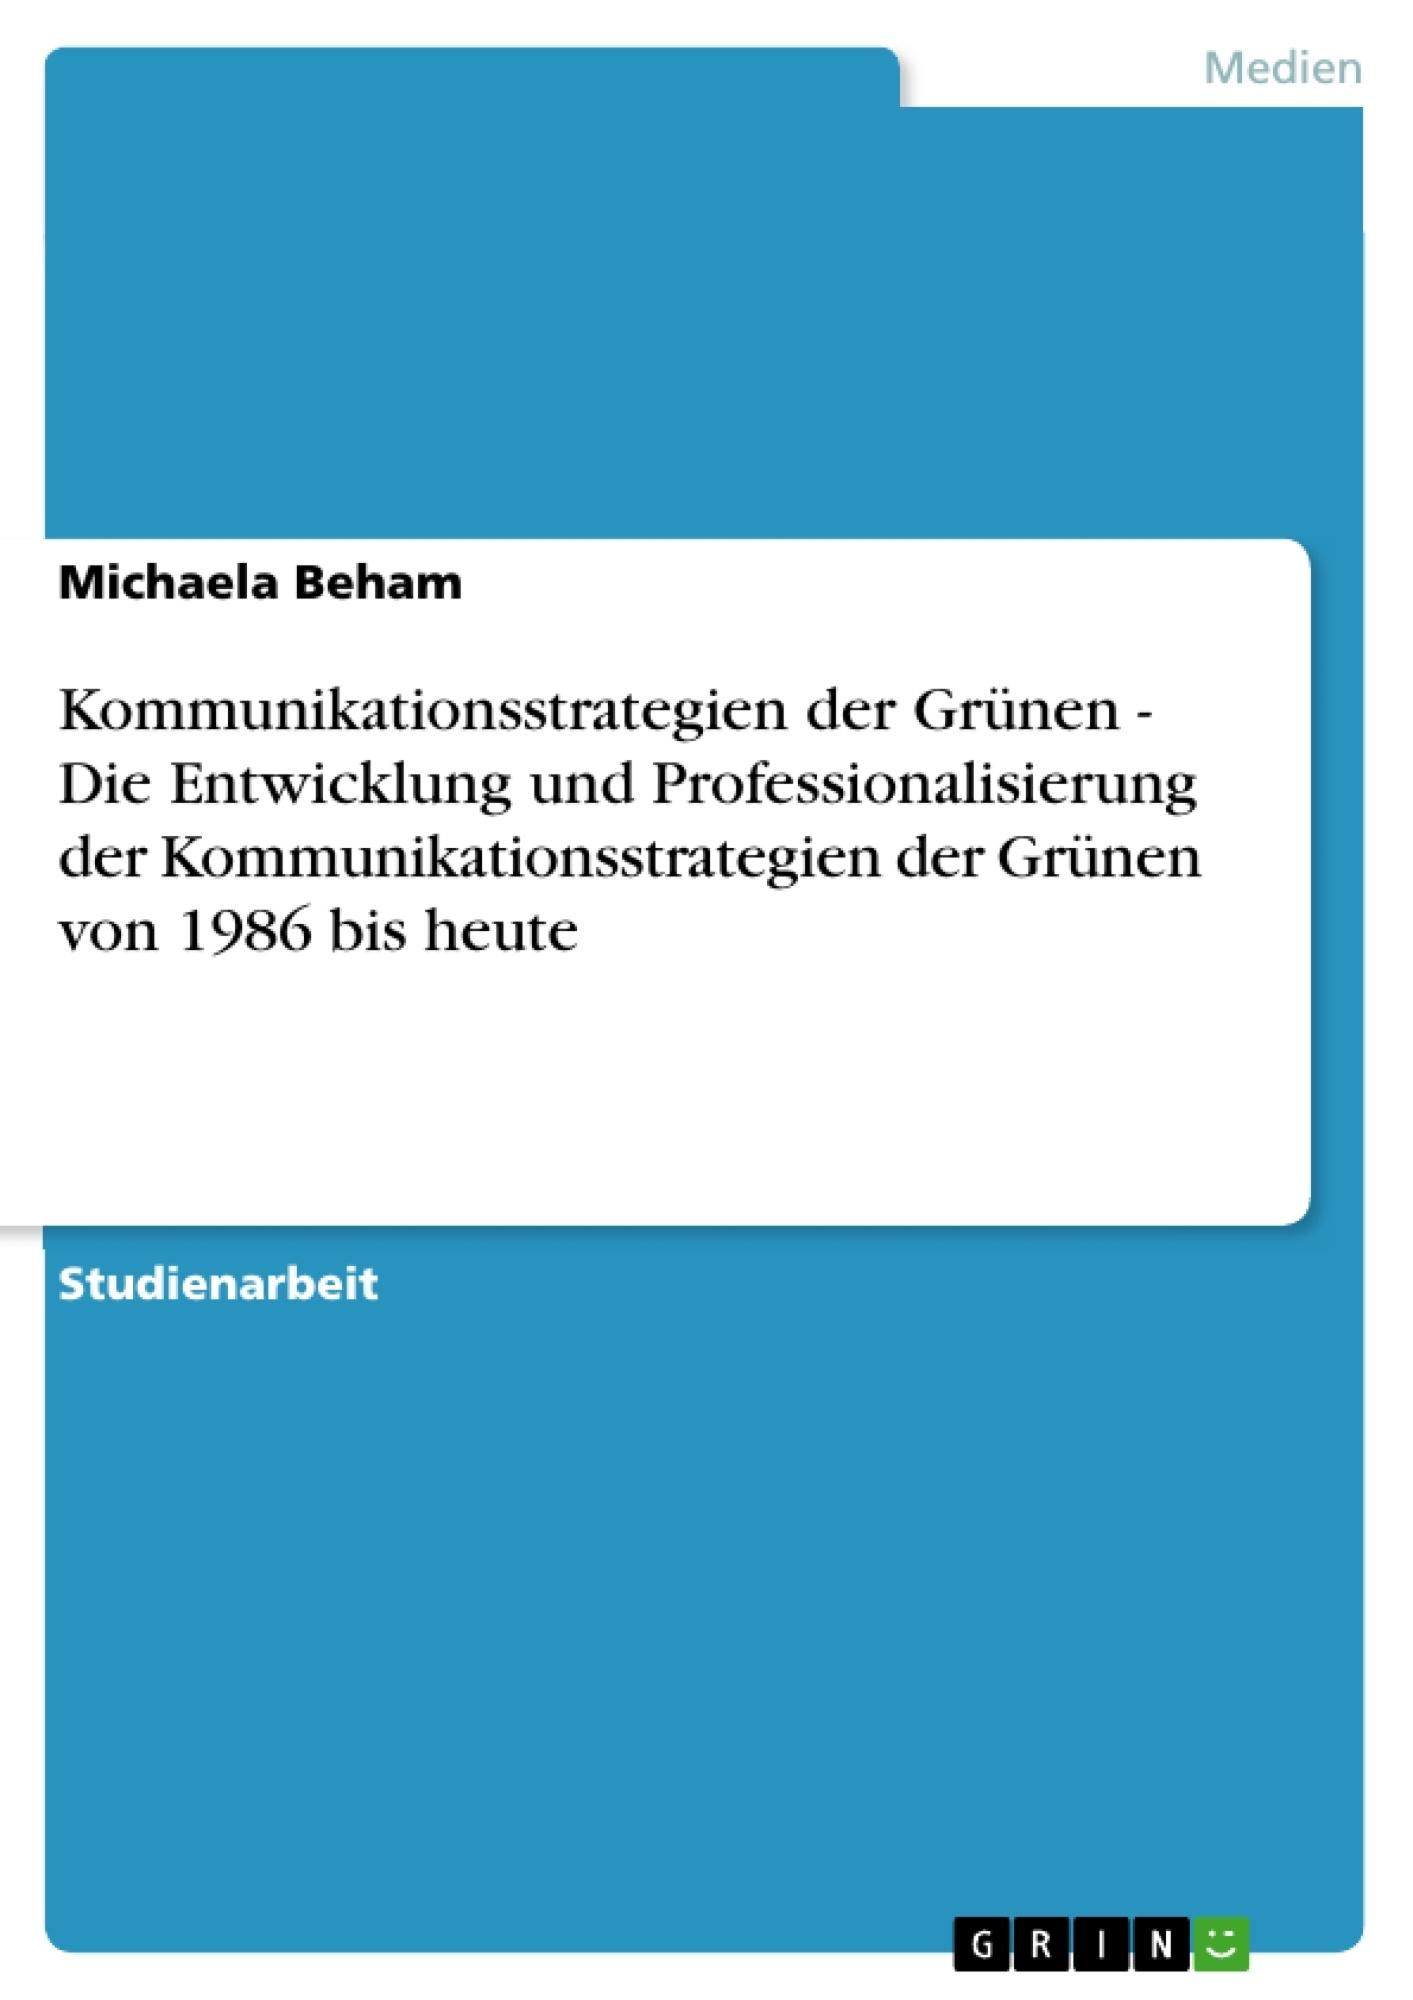 Titel: Kommunikationsstrategien der Grünen - Die Entwicklung und Professionalisierung der Kommunikationsstrategien der Grünen von 1986 bis heute